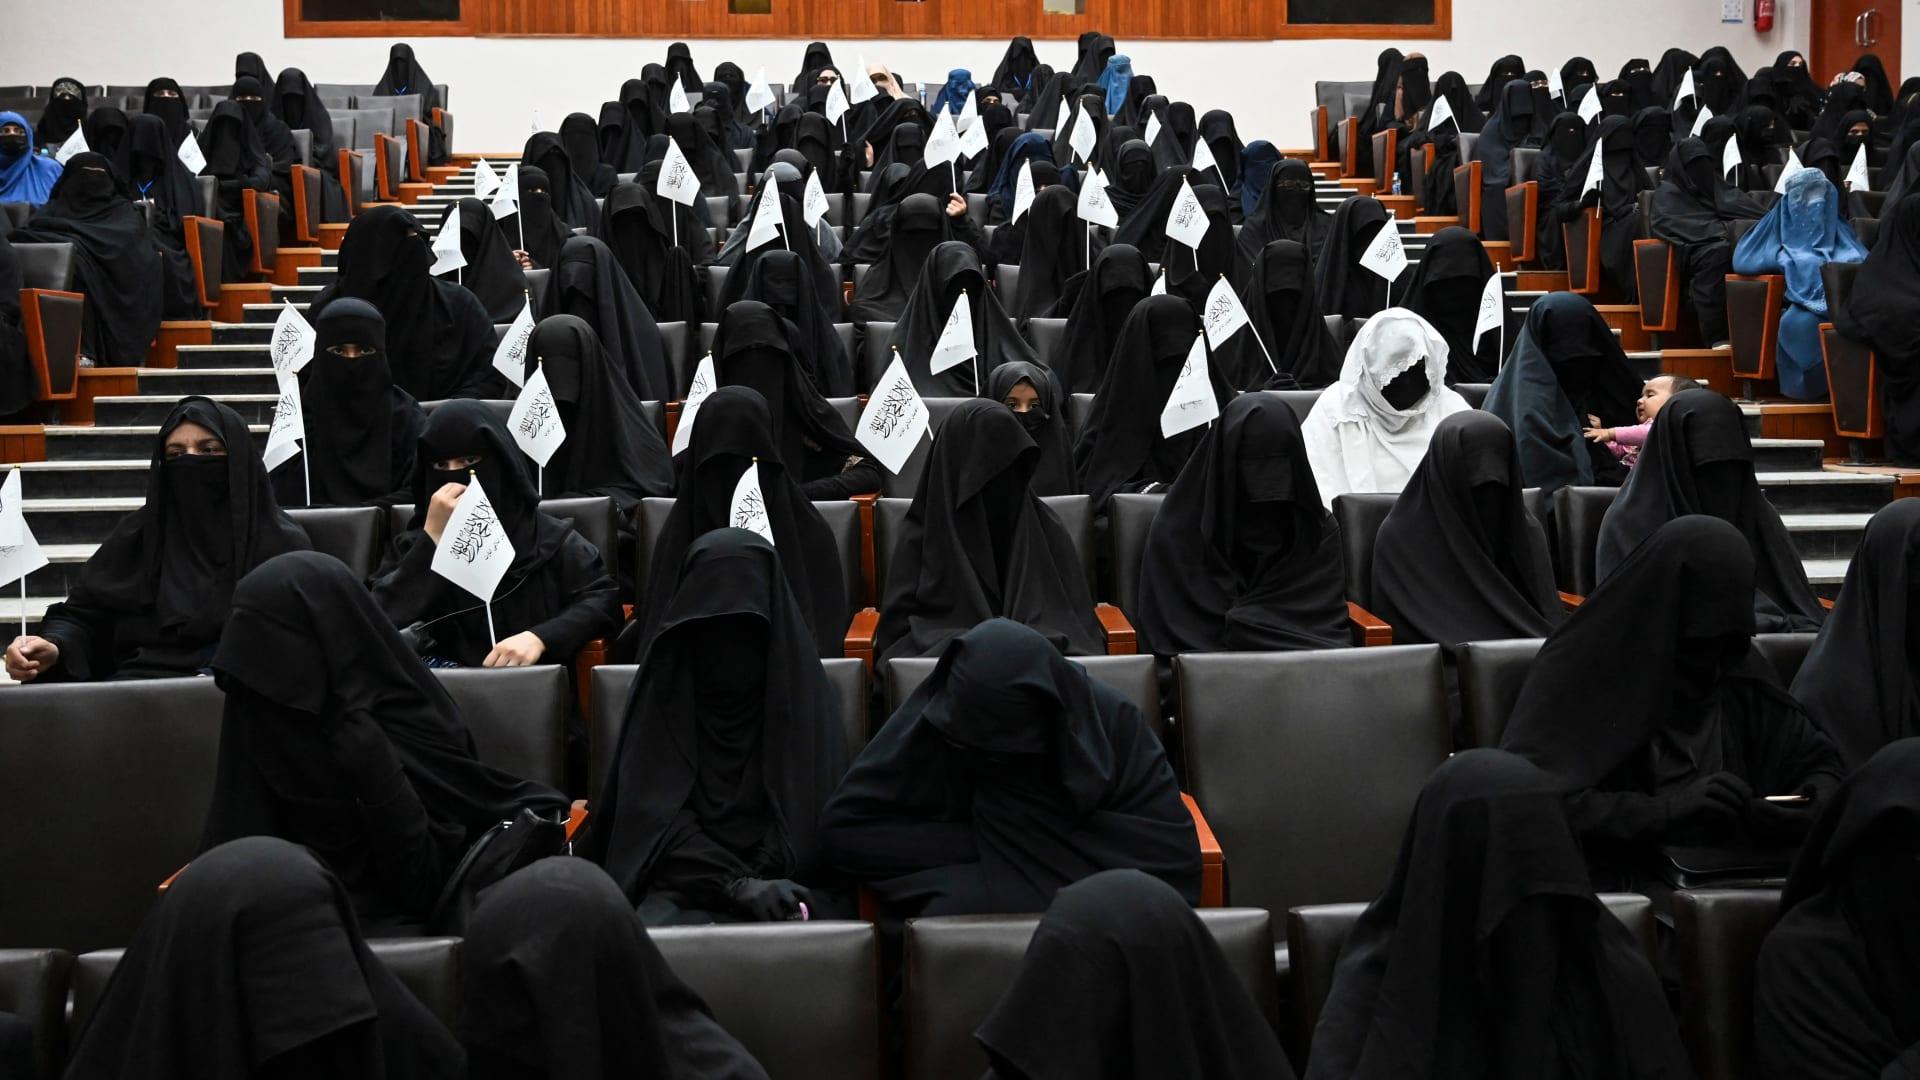 """طالبان تمنع النساء من الدراسة والتدريس في جامعة كابول: """"الإسلام أولًا"""""""